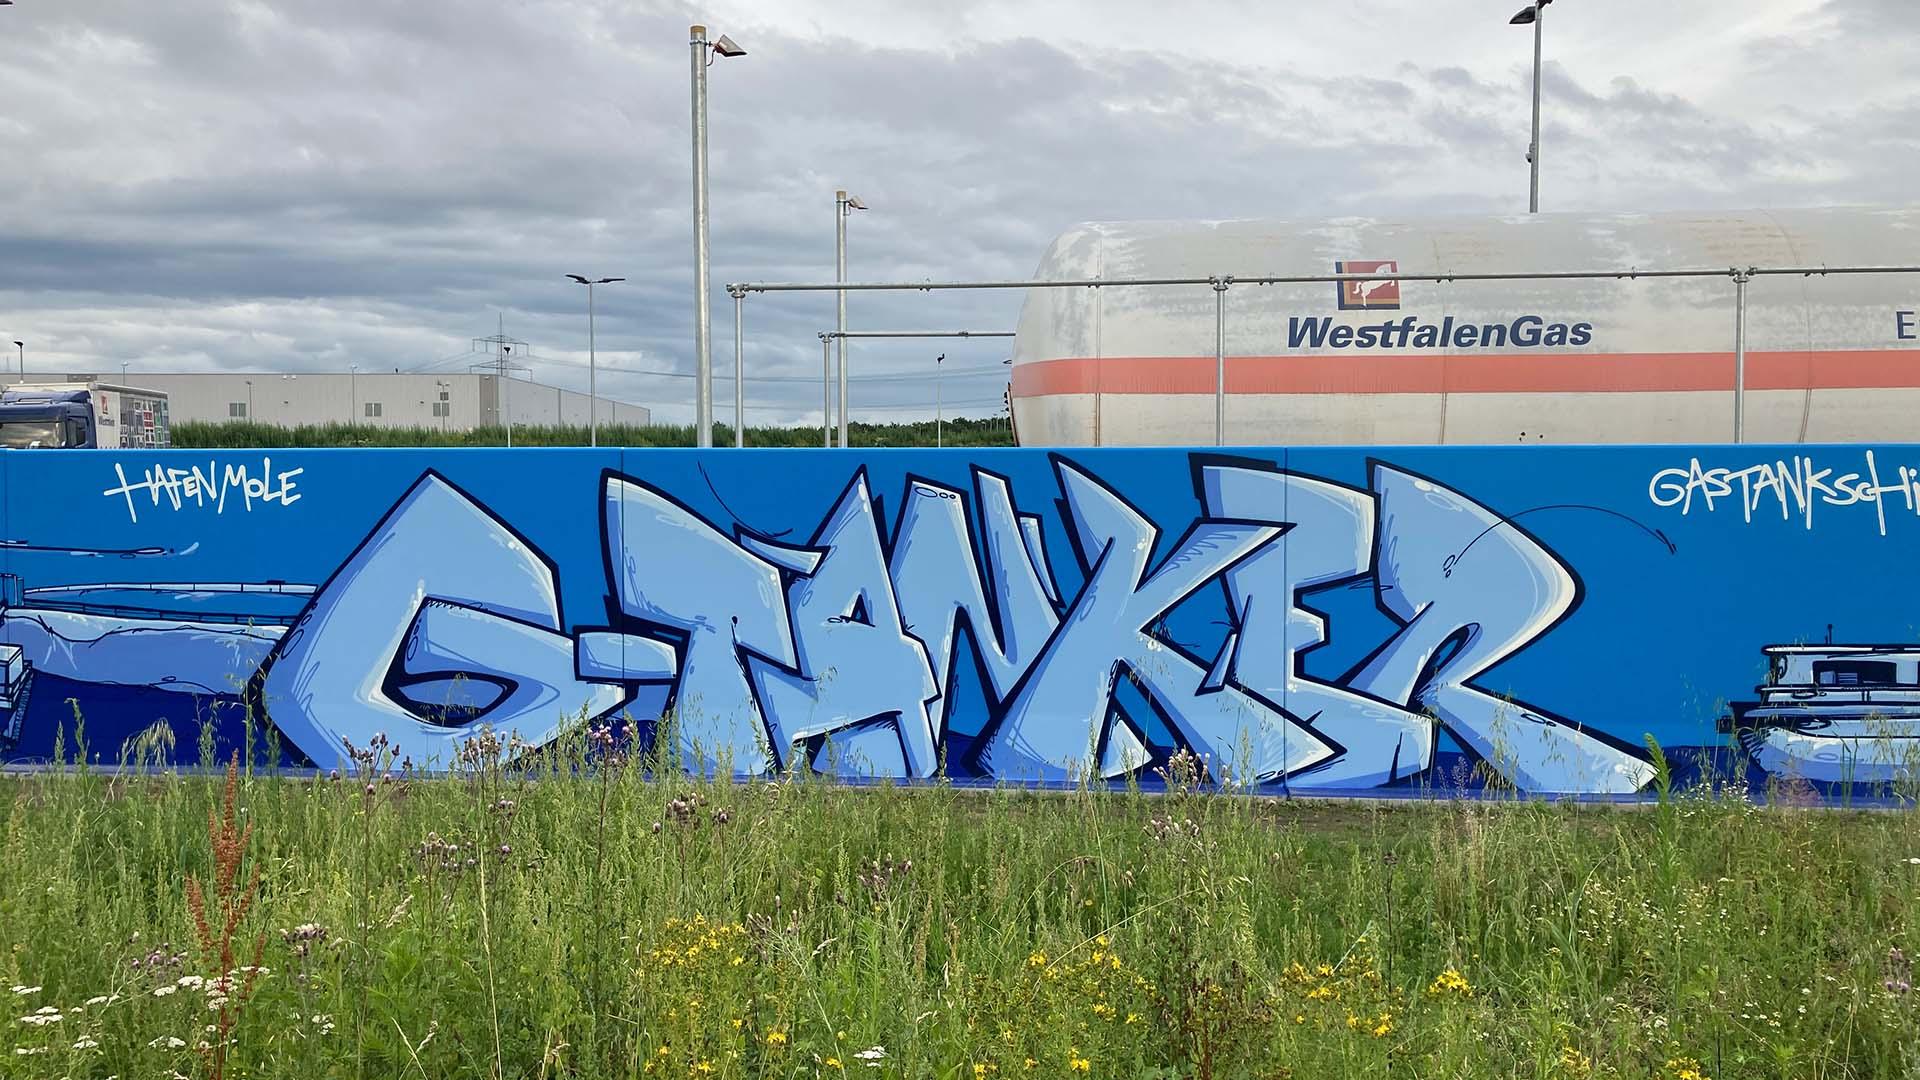 Tanker, Graffiti, Caratgas, Unternehmen, Firma, Krefeld, Gaswerk